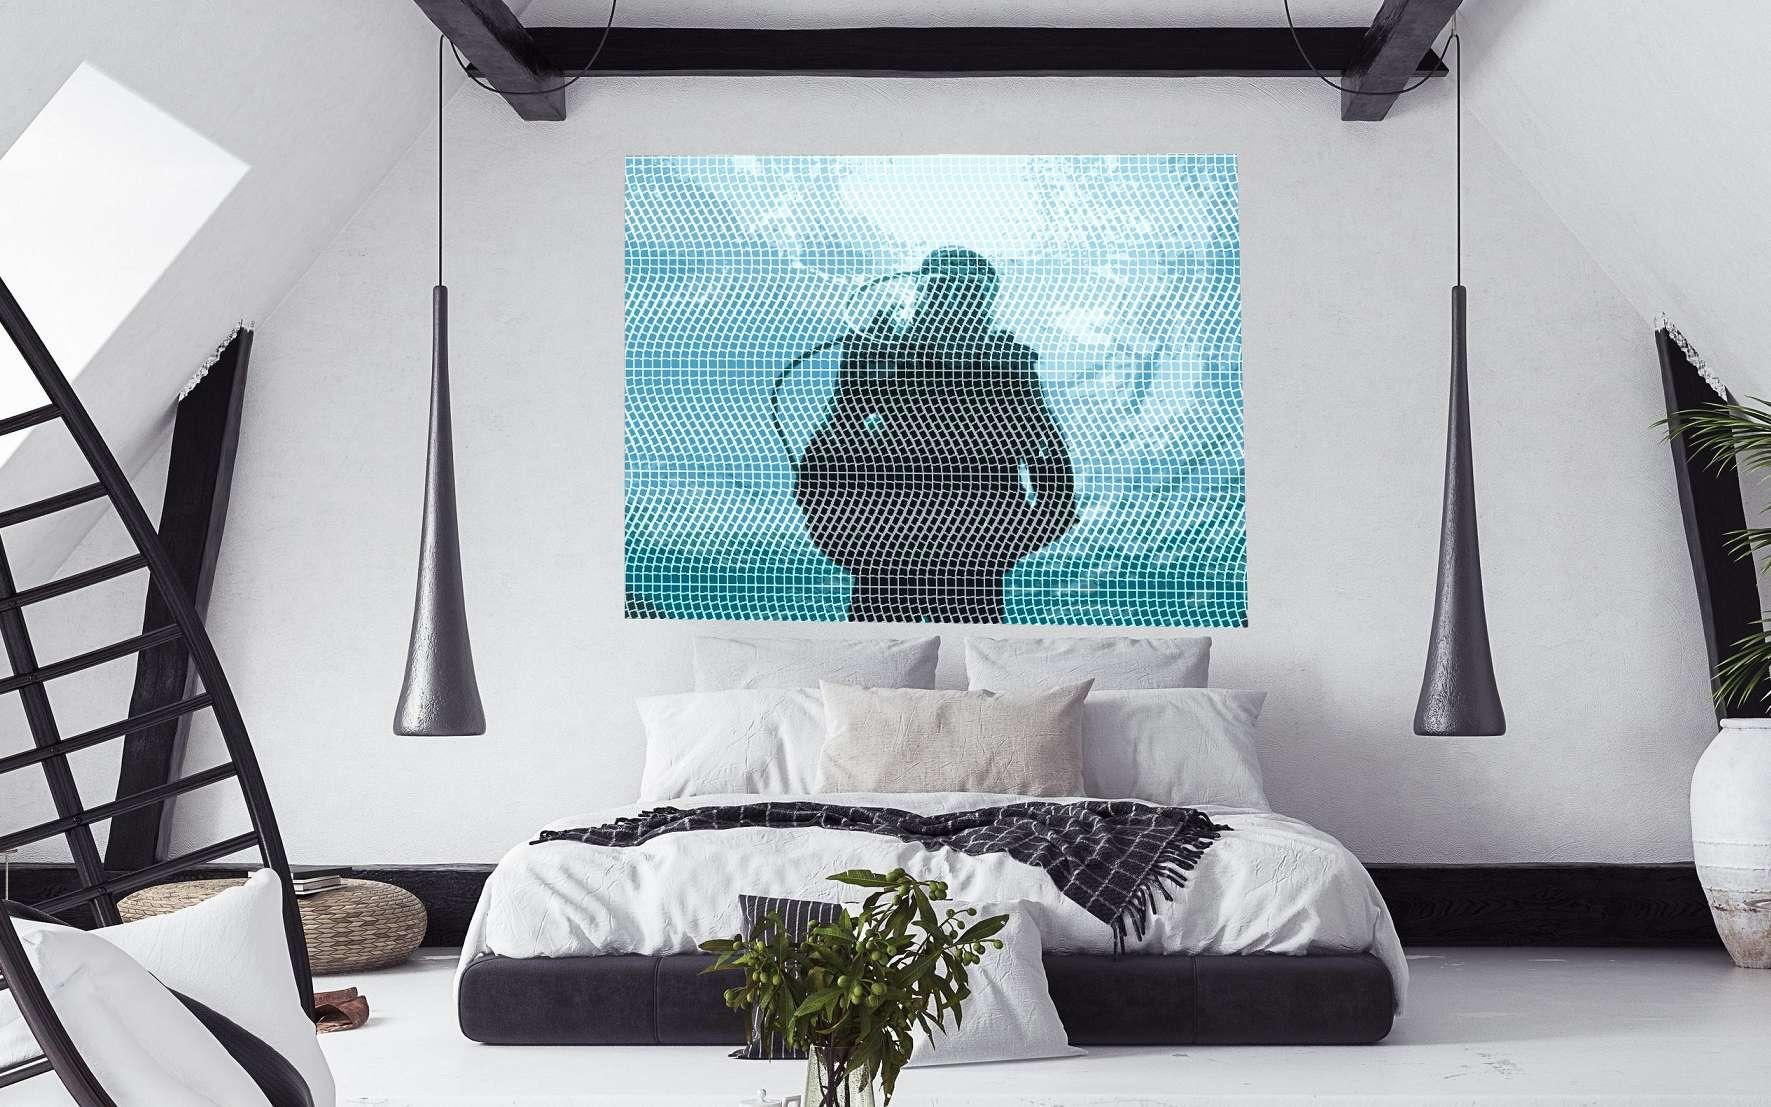 Transformer une photo en mosaïque murale permet de profiter d'une décoration unique pour habiller une chambre, un bureau ou une salle de bains. © Fred Burguière, Magic Mosaic